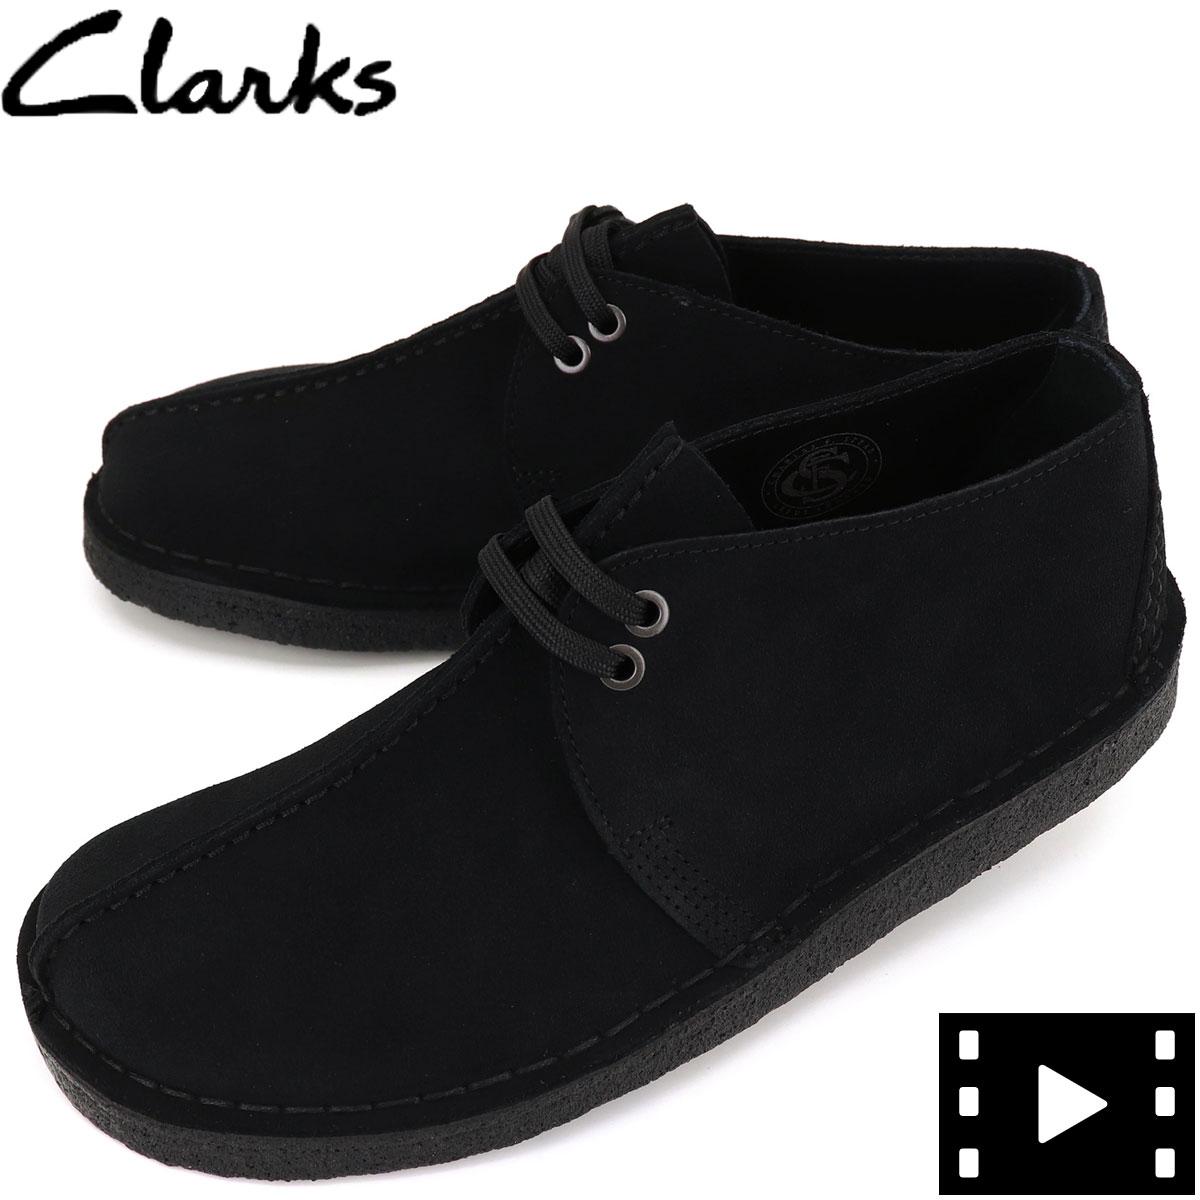 クラークス オリジナルズ CLARKS ORIGINALS メンズ スエード デザートトレック DESERT TREK 26155486 BLACK SUEDE(ブラック)秋冬新作